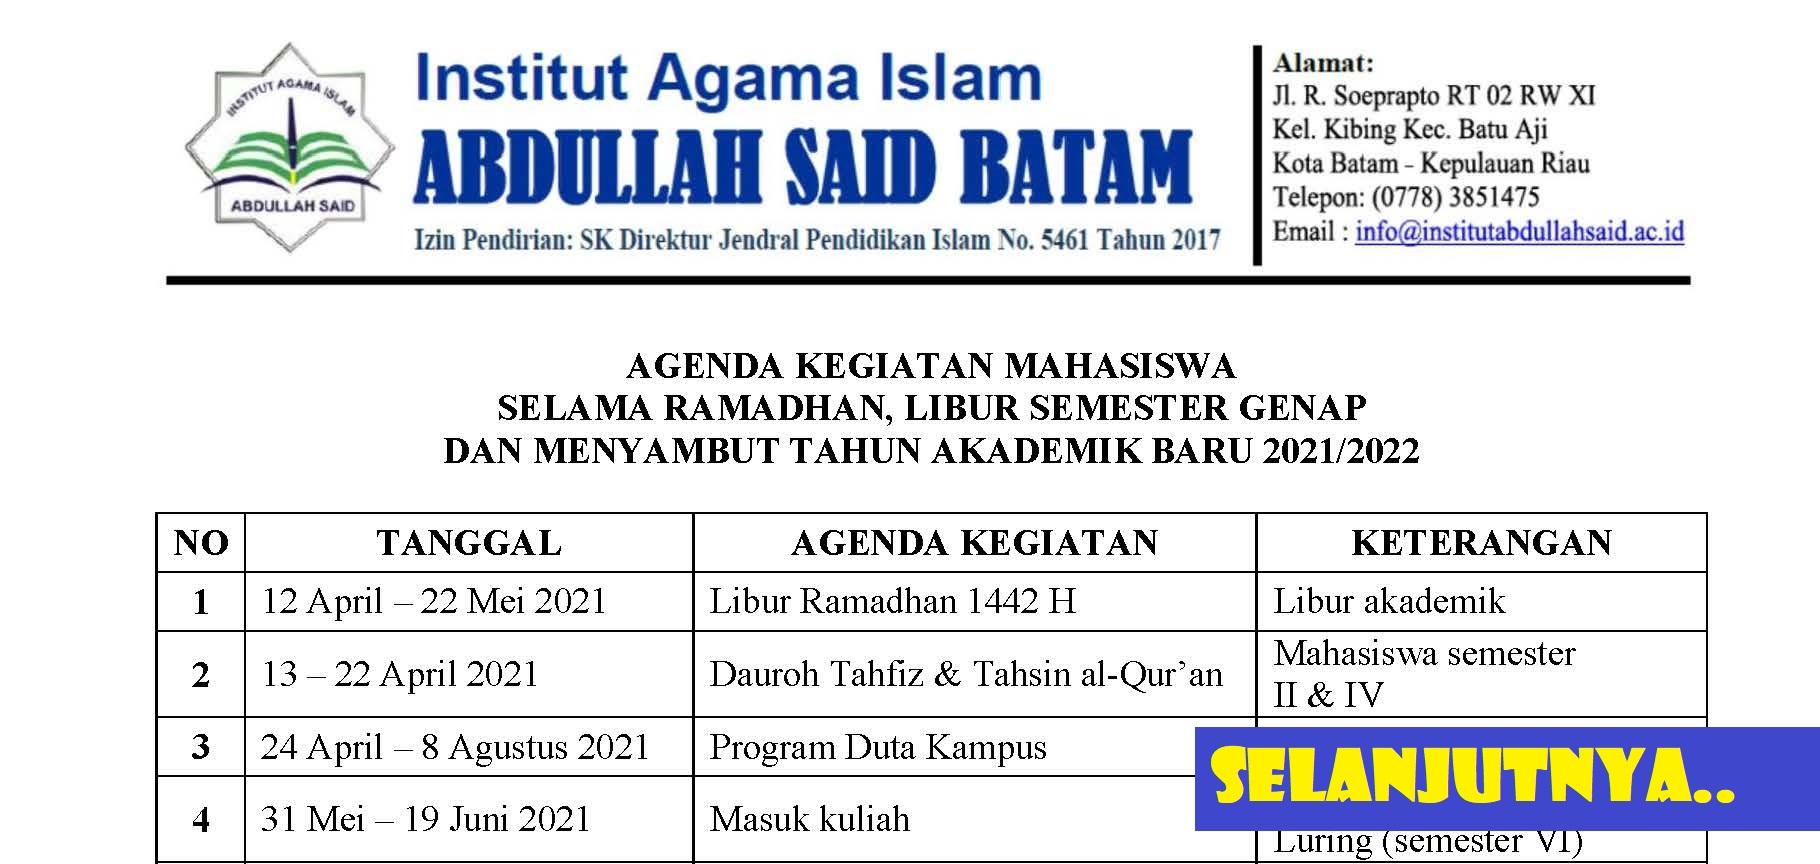 Agenda Kegiatan Mahasiswa